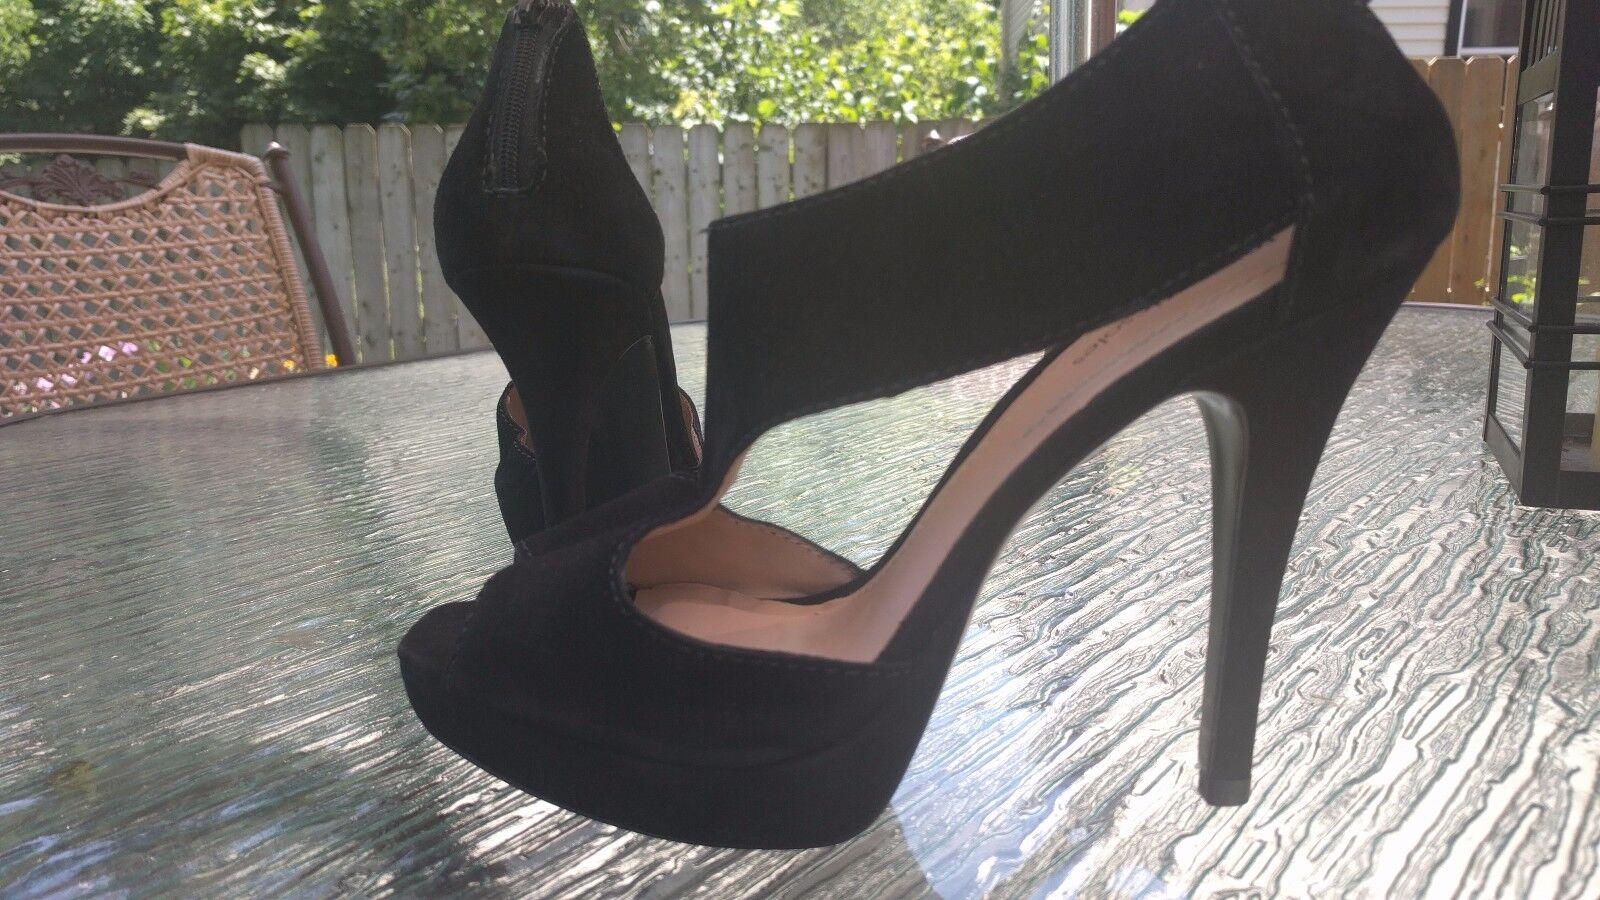 nouveau Rohommetic Soles Clinton pour Femme en Daim Noir Plateforme Talons Chaussures Taille 8.5